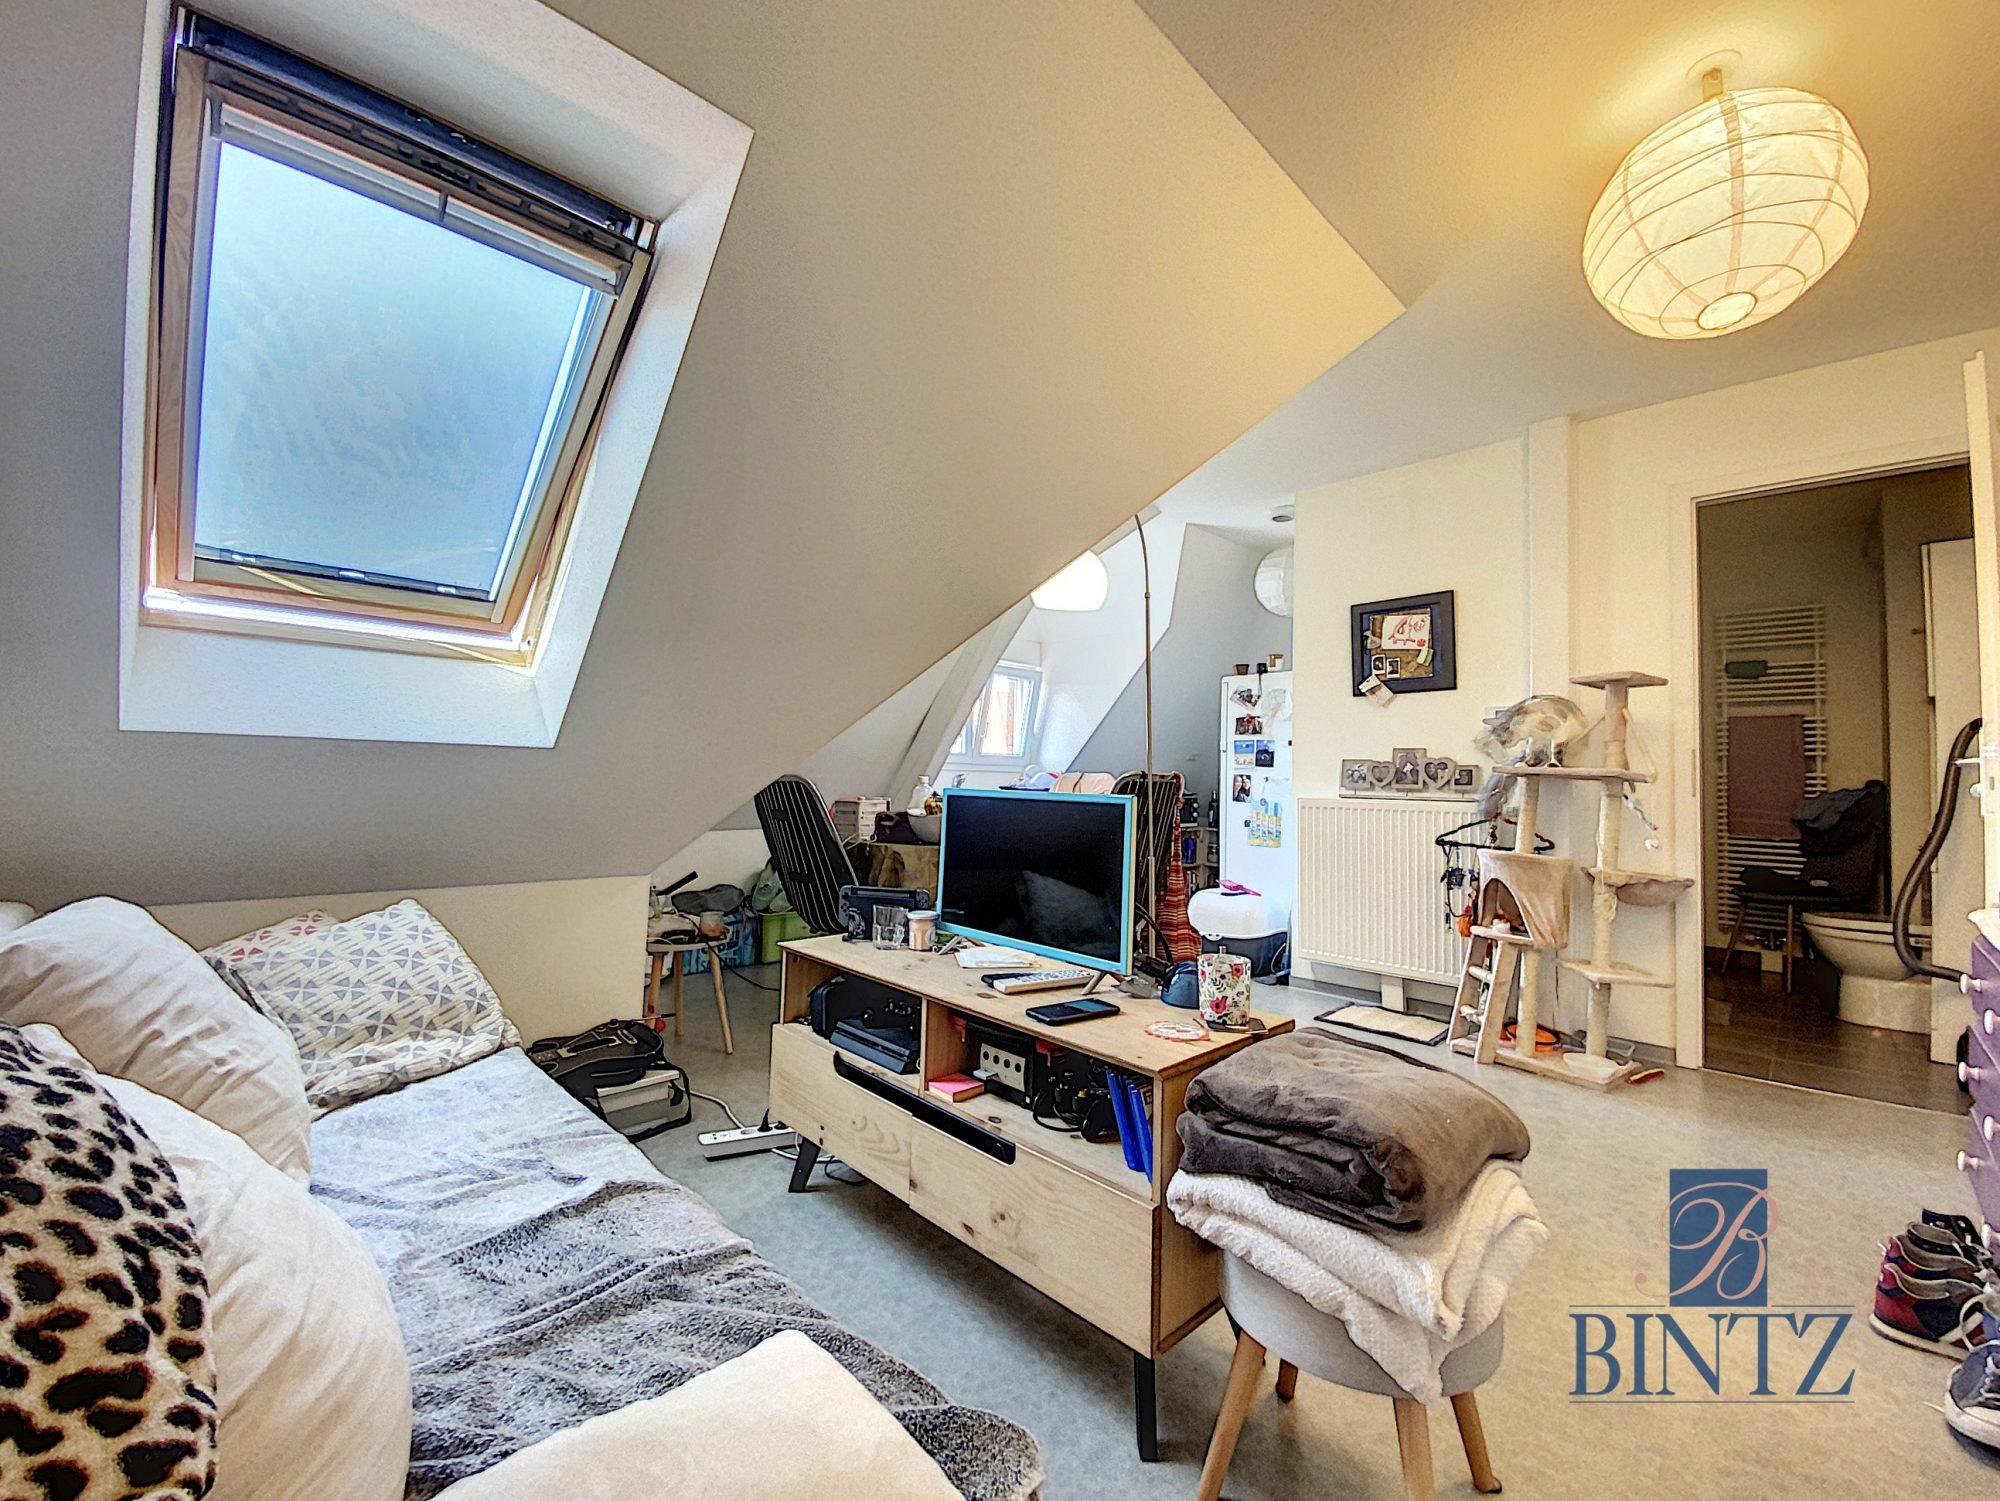 2 PIÈCES AVEC PARKING SCHILTIGHEIM - Devenez locataire en toute sérénité - Bintz Immobilier - 3